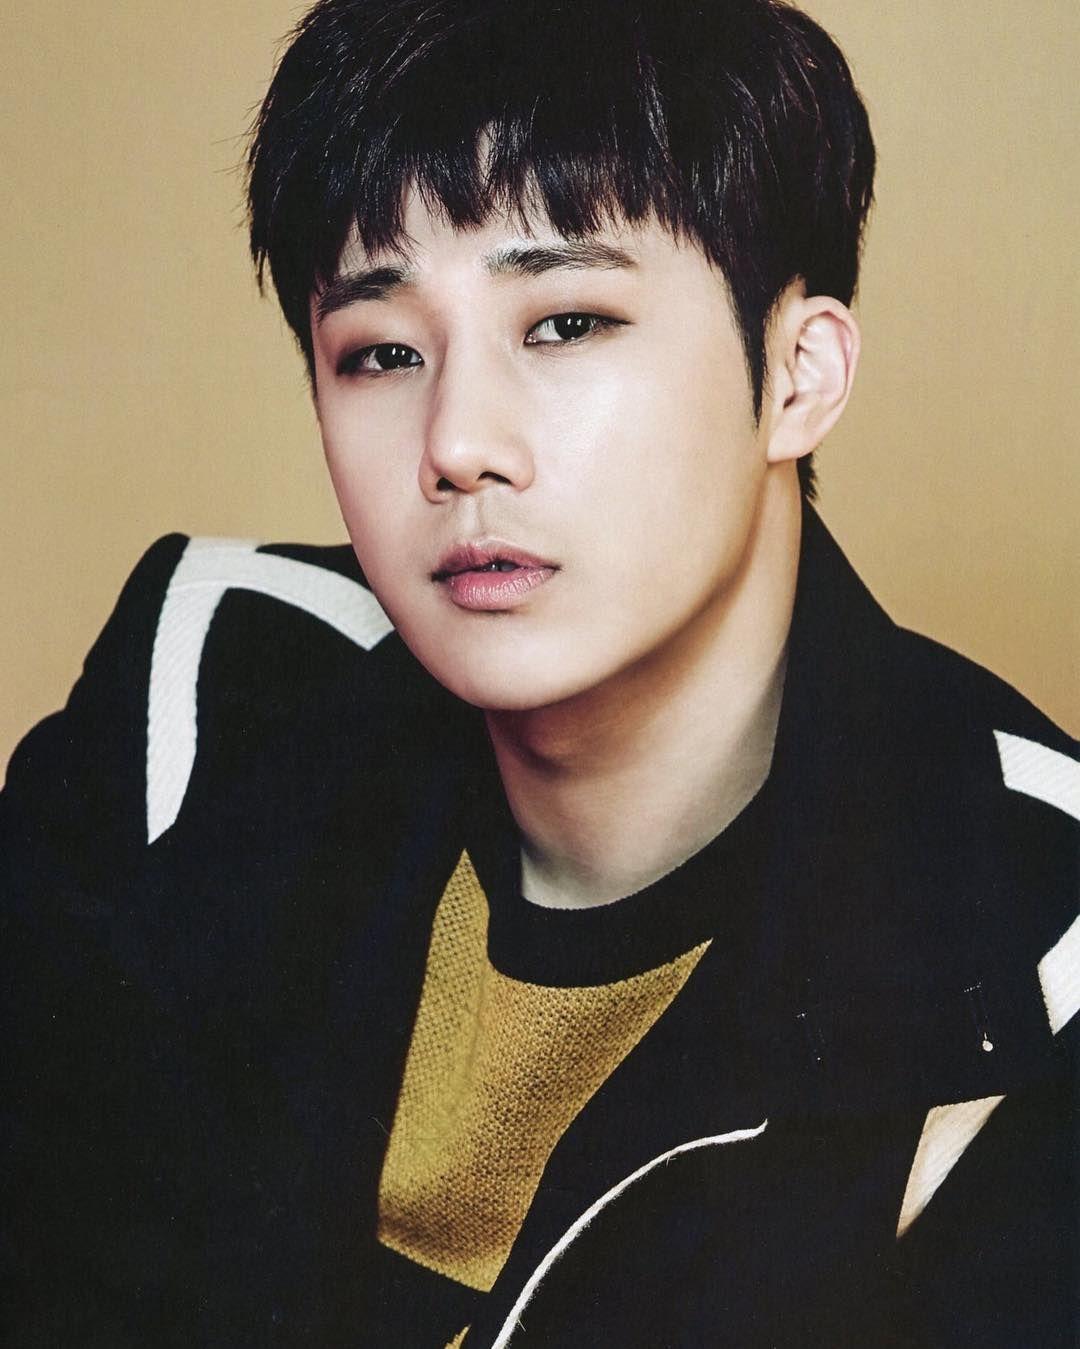 #sungkyu #kim sunggyu #infinite #남우현 #김성규 161214 INFINITE ...